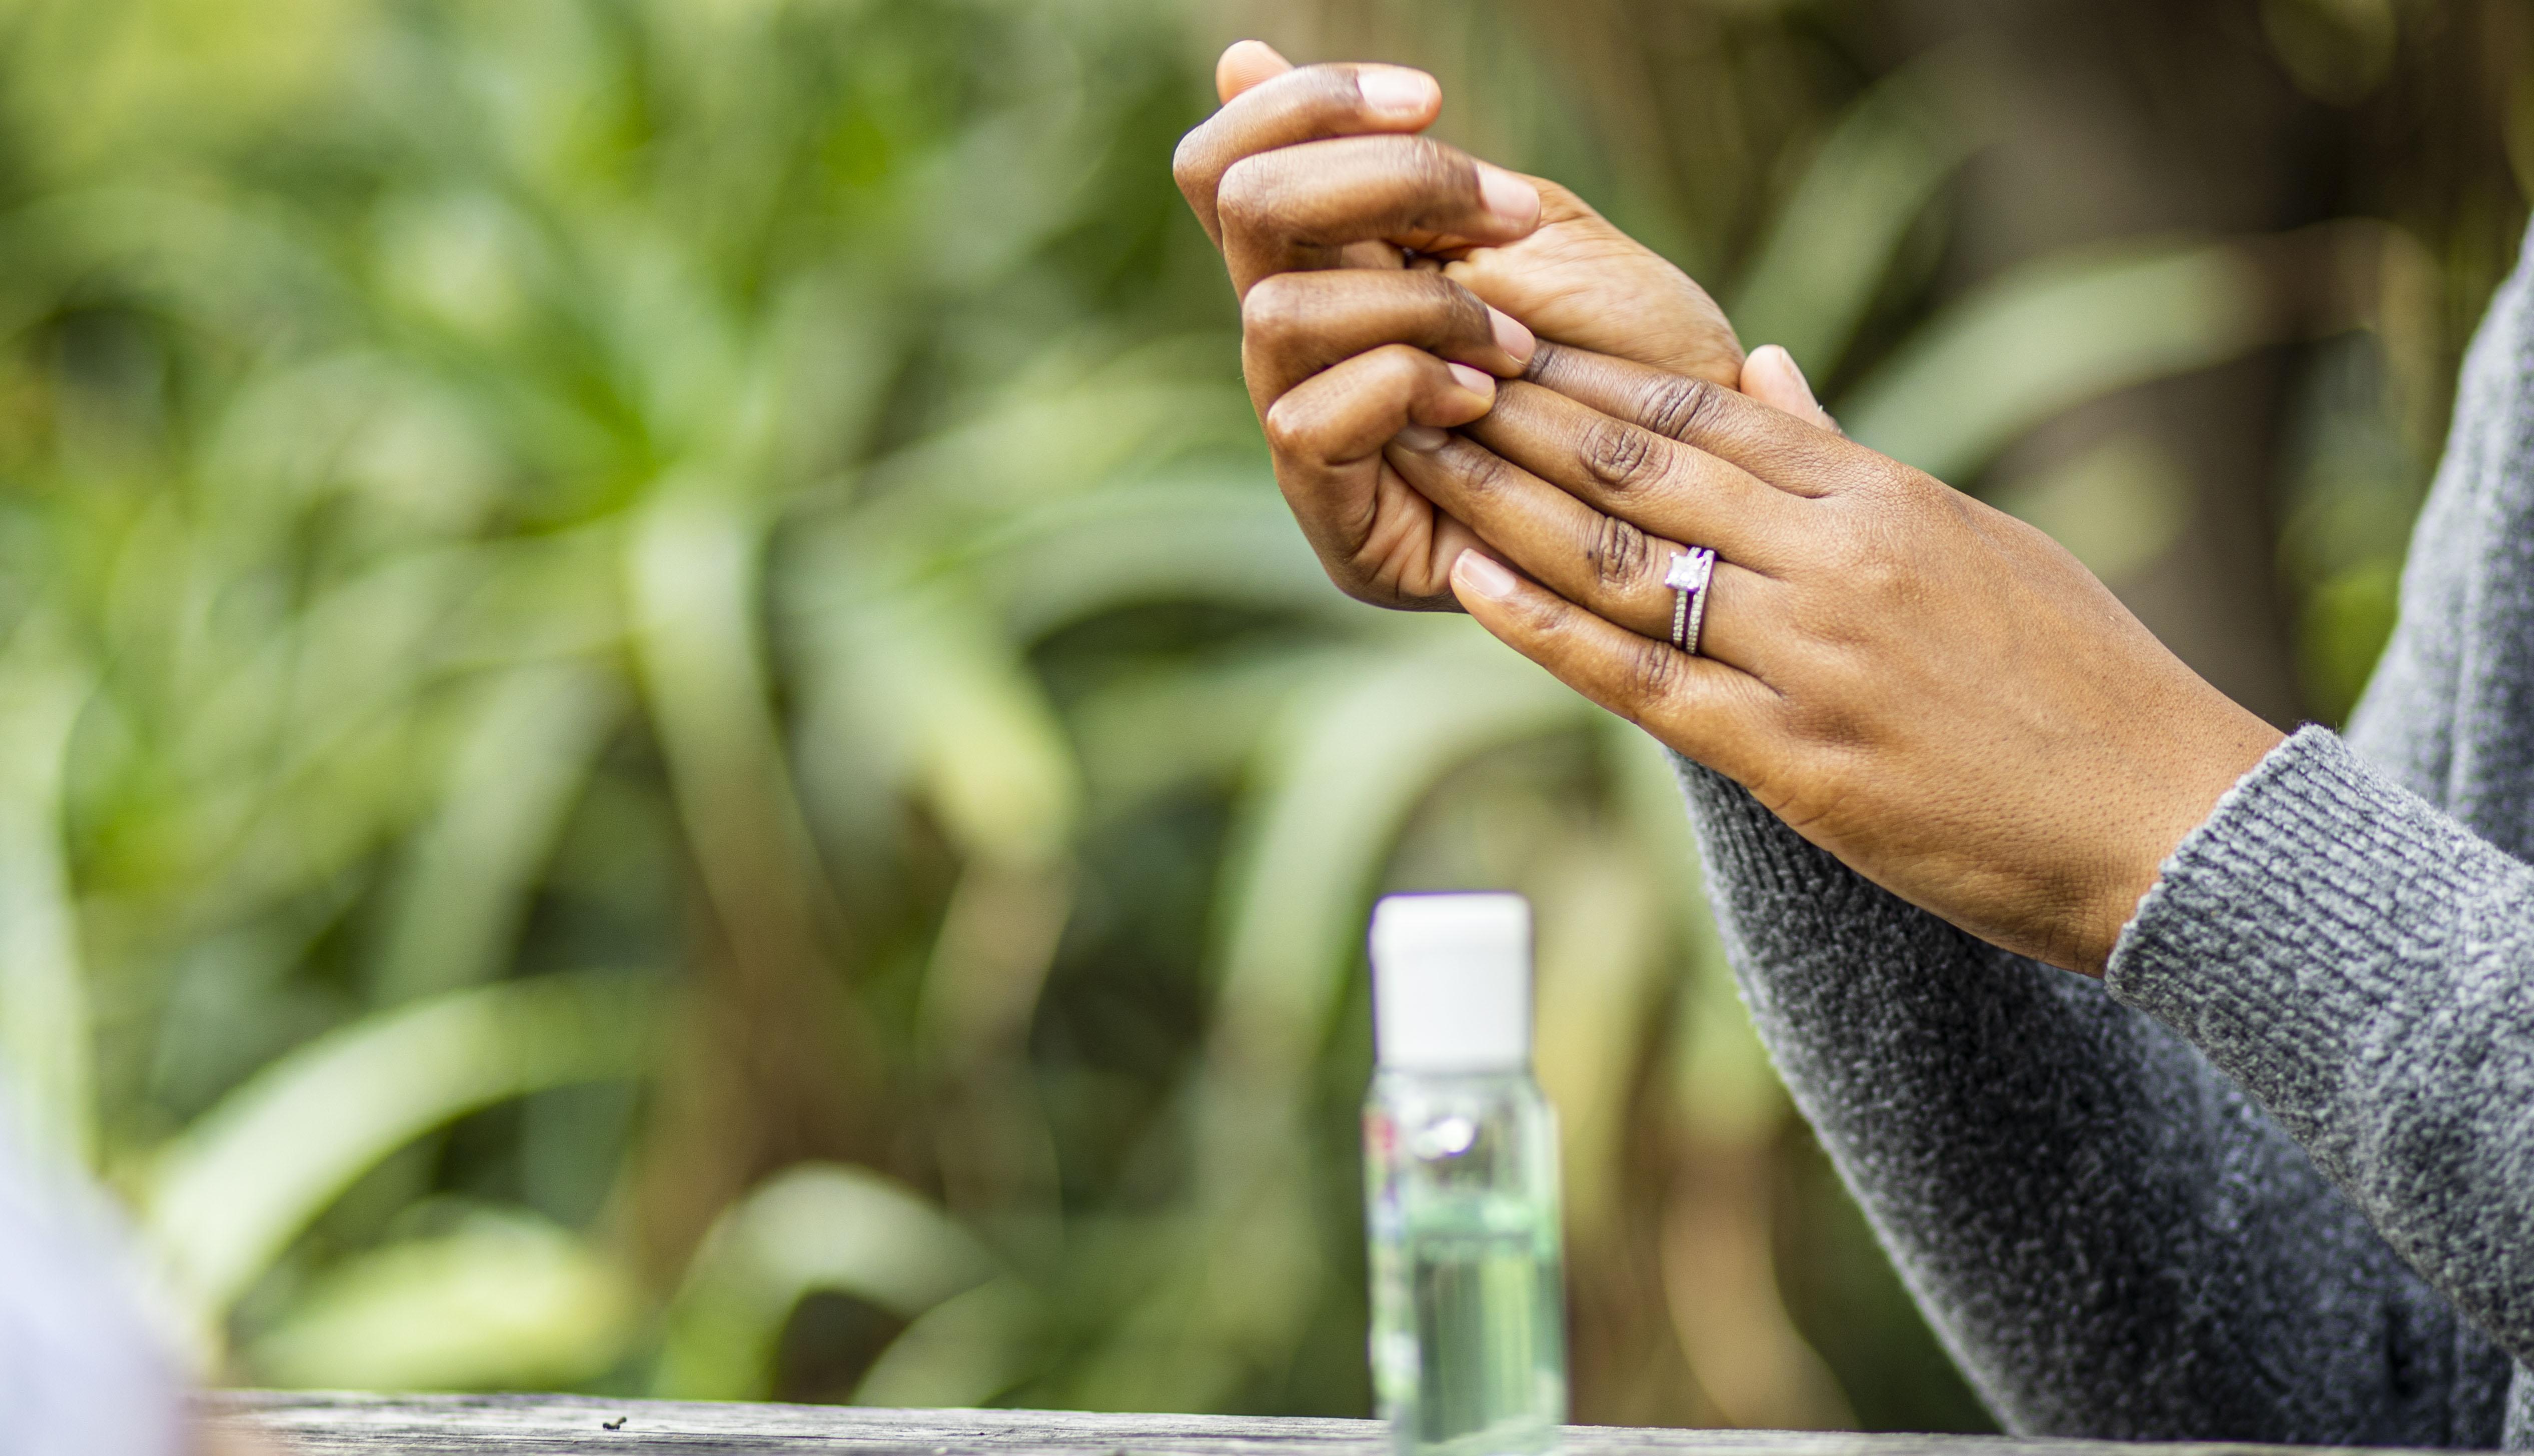 Manos de una mujer usando jabón desinfectante